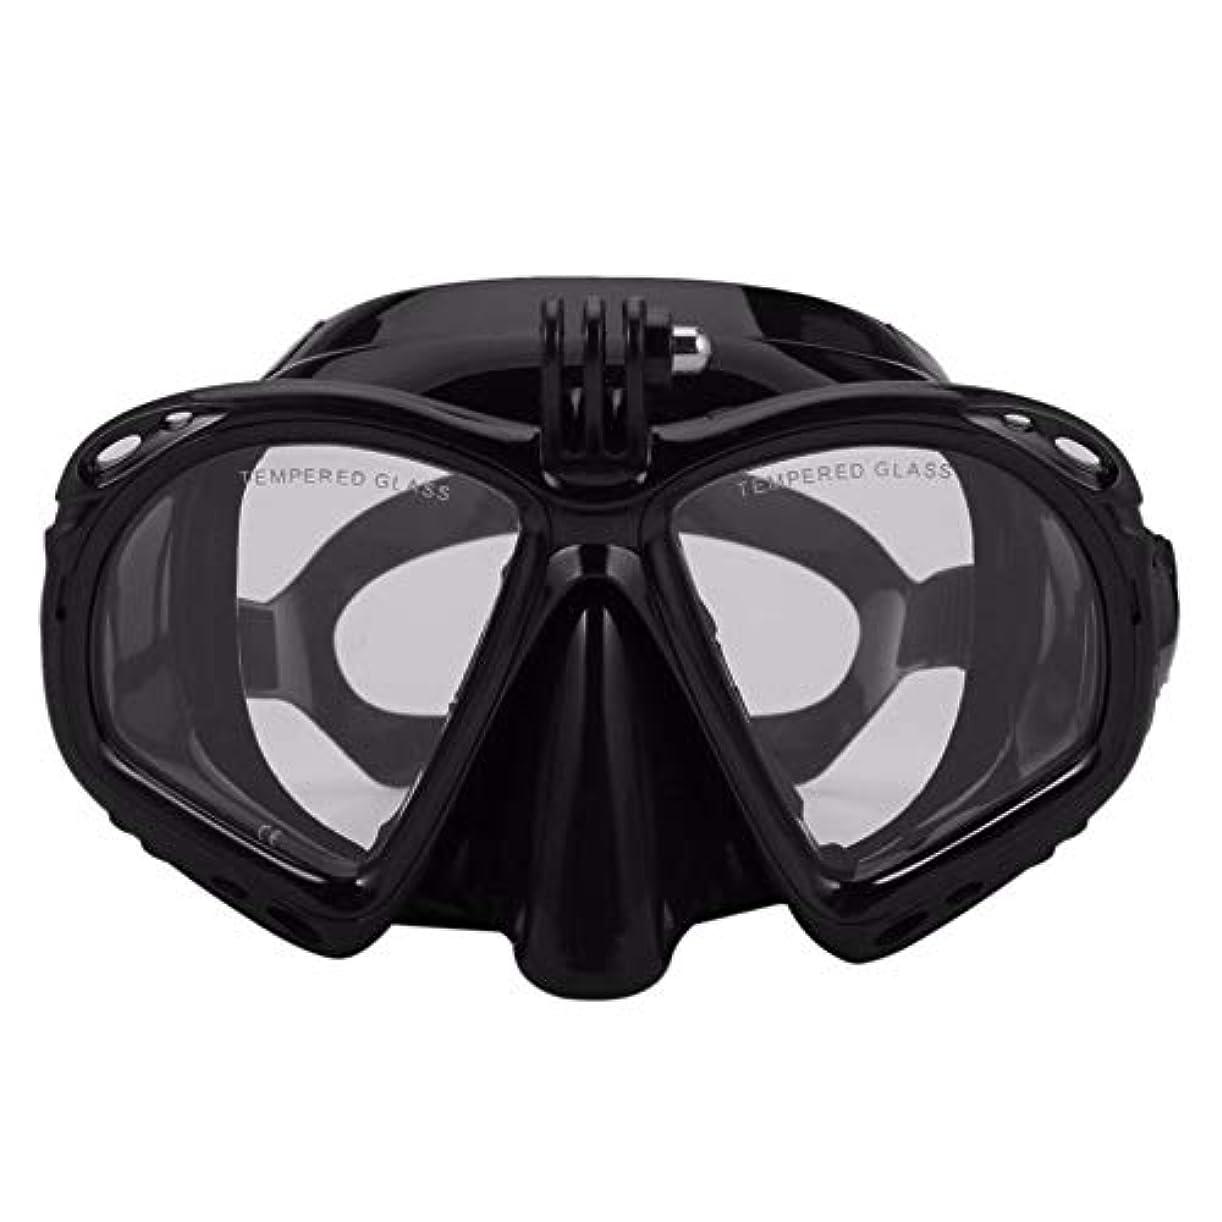 幻影きつくセミナーほとんどのスポーツカメラに適したプロの水中ダイビングマスクダイビングシュノーケル水泳ゴーグルスキューバダイビング機器 g5y9k2i3rw1